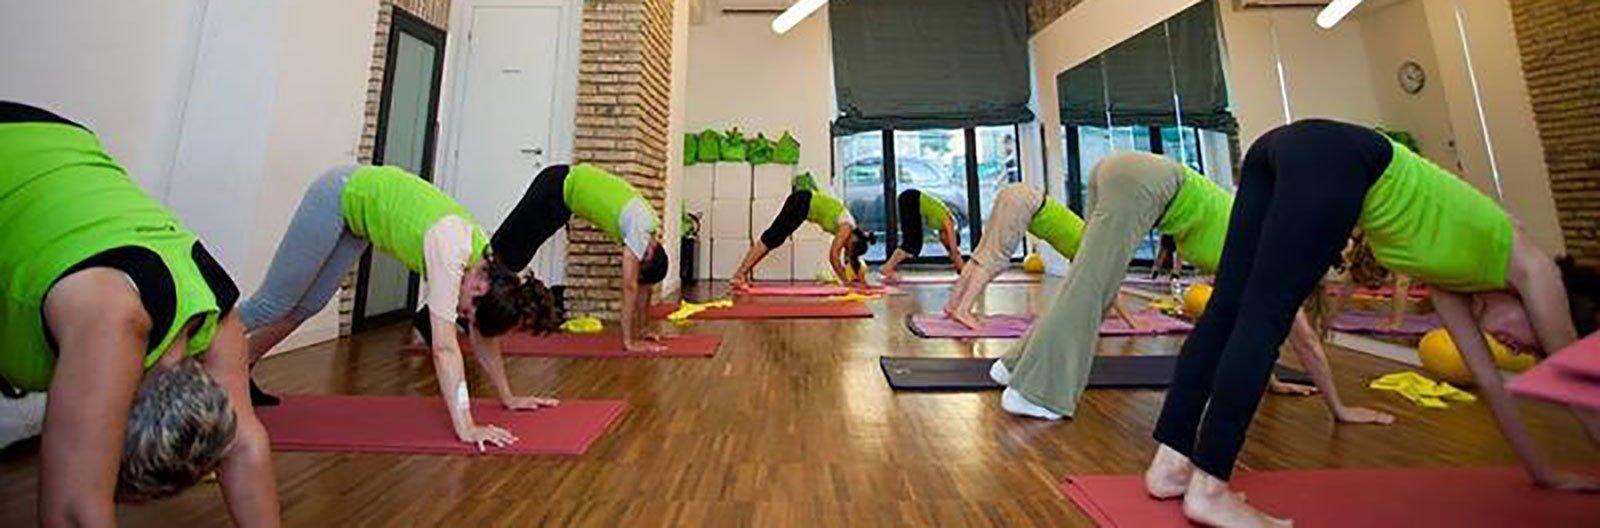 un gruppo di persone con una divisa verde chinate con le mani appoggiate su dei tappetini da ginnastica mentre svolgono degli esercizi